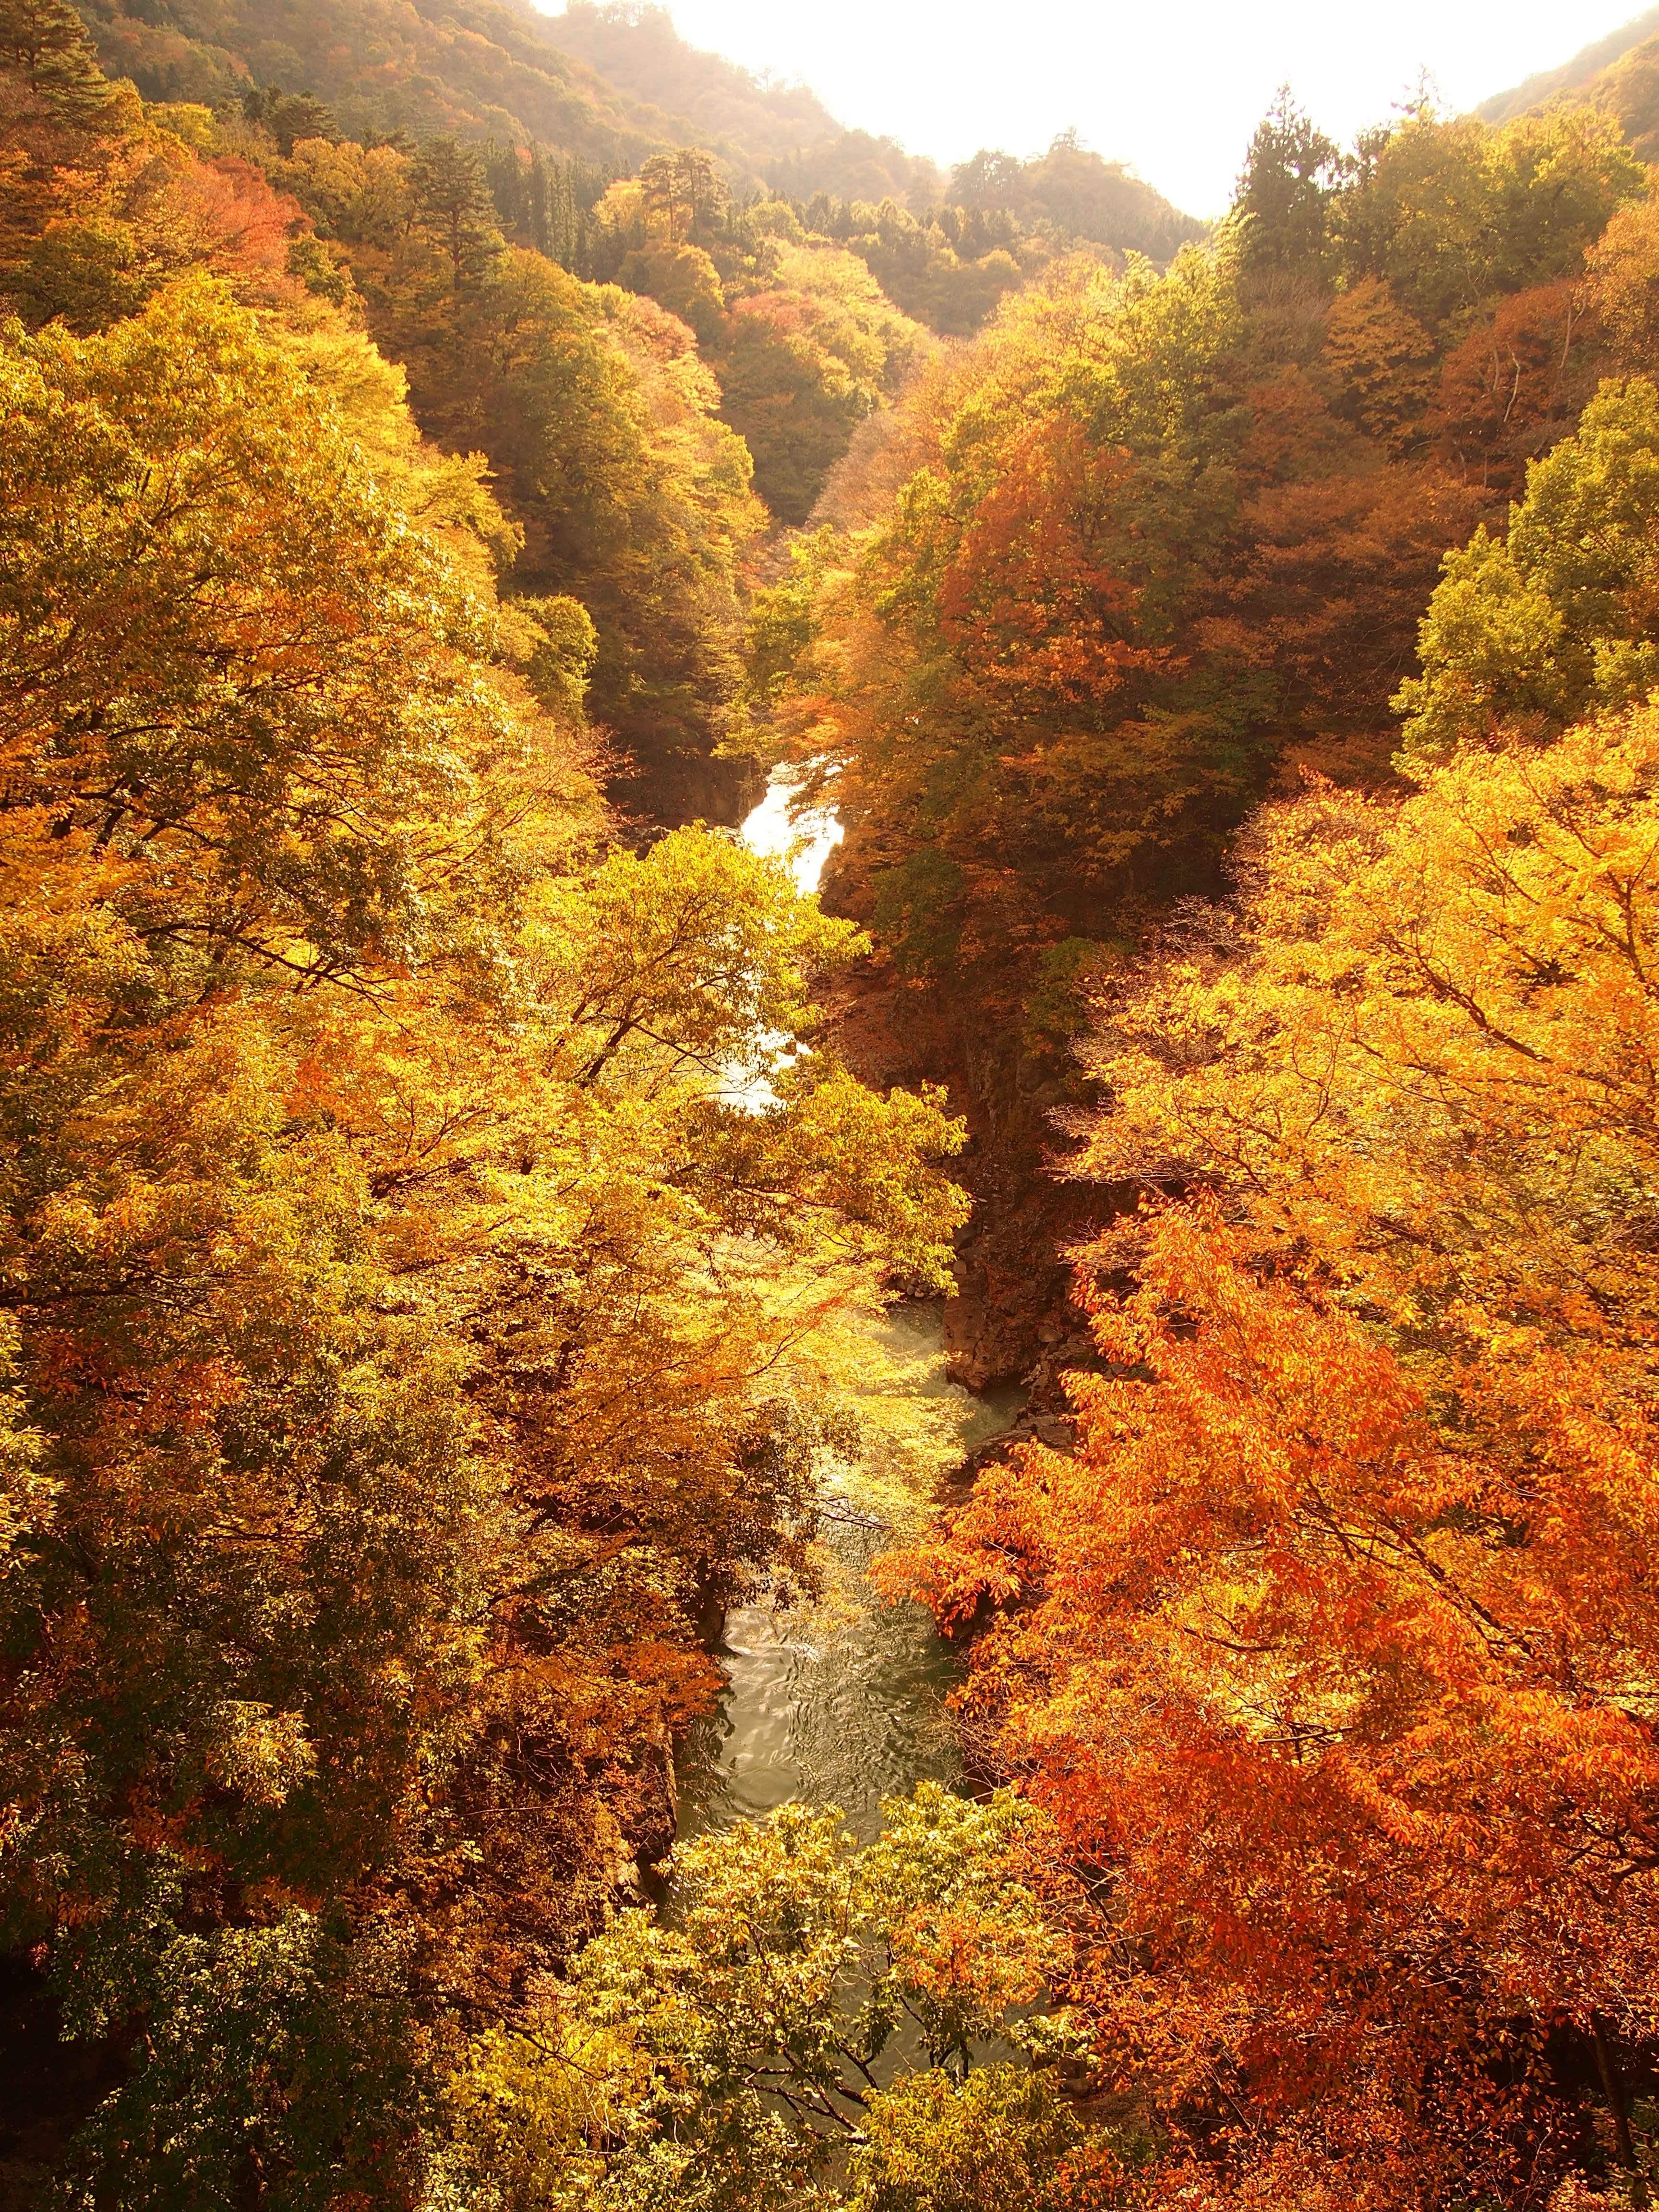 【群馬】ダムに一部沈む『吾妻渓谷』で紅葉ハイキング